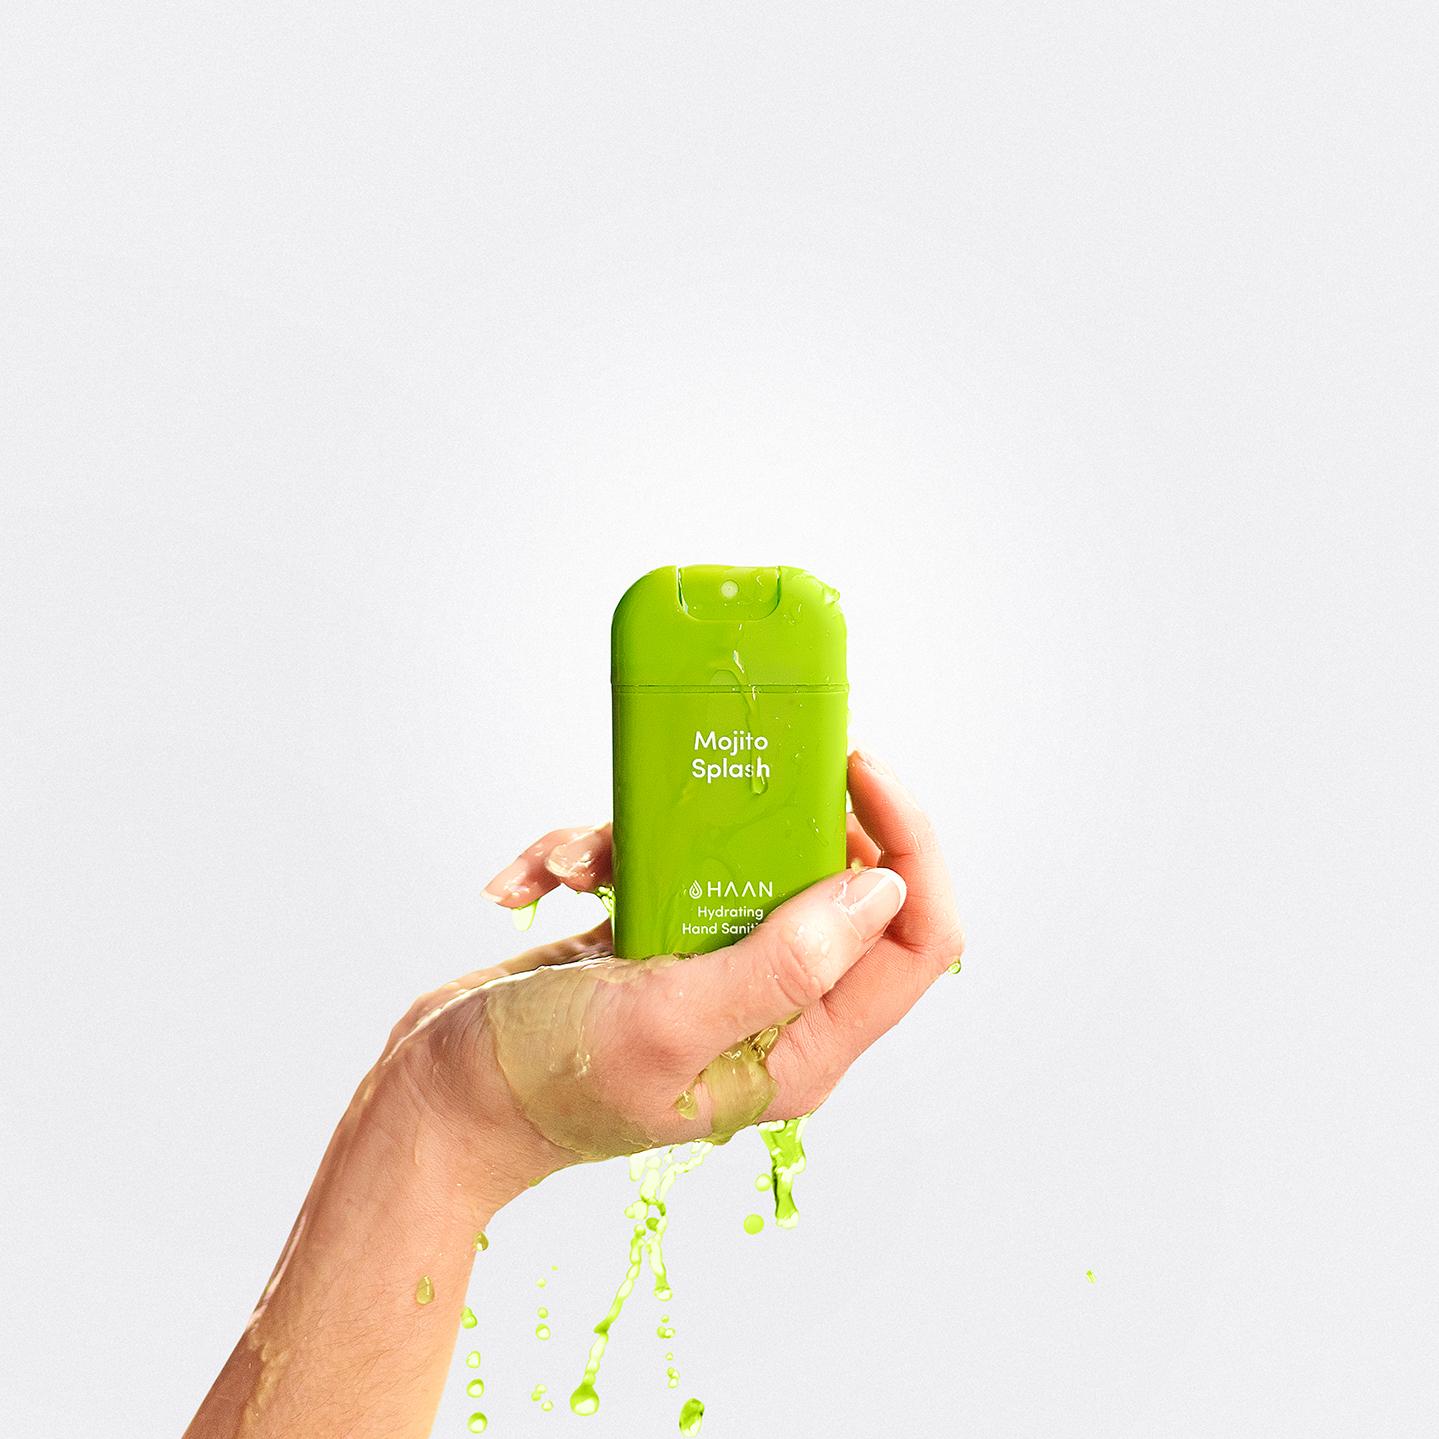 Haan niisutav käte desinfisteerimisvahend Mojito Splash 8